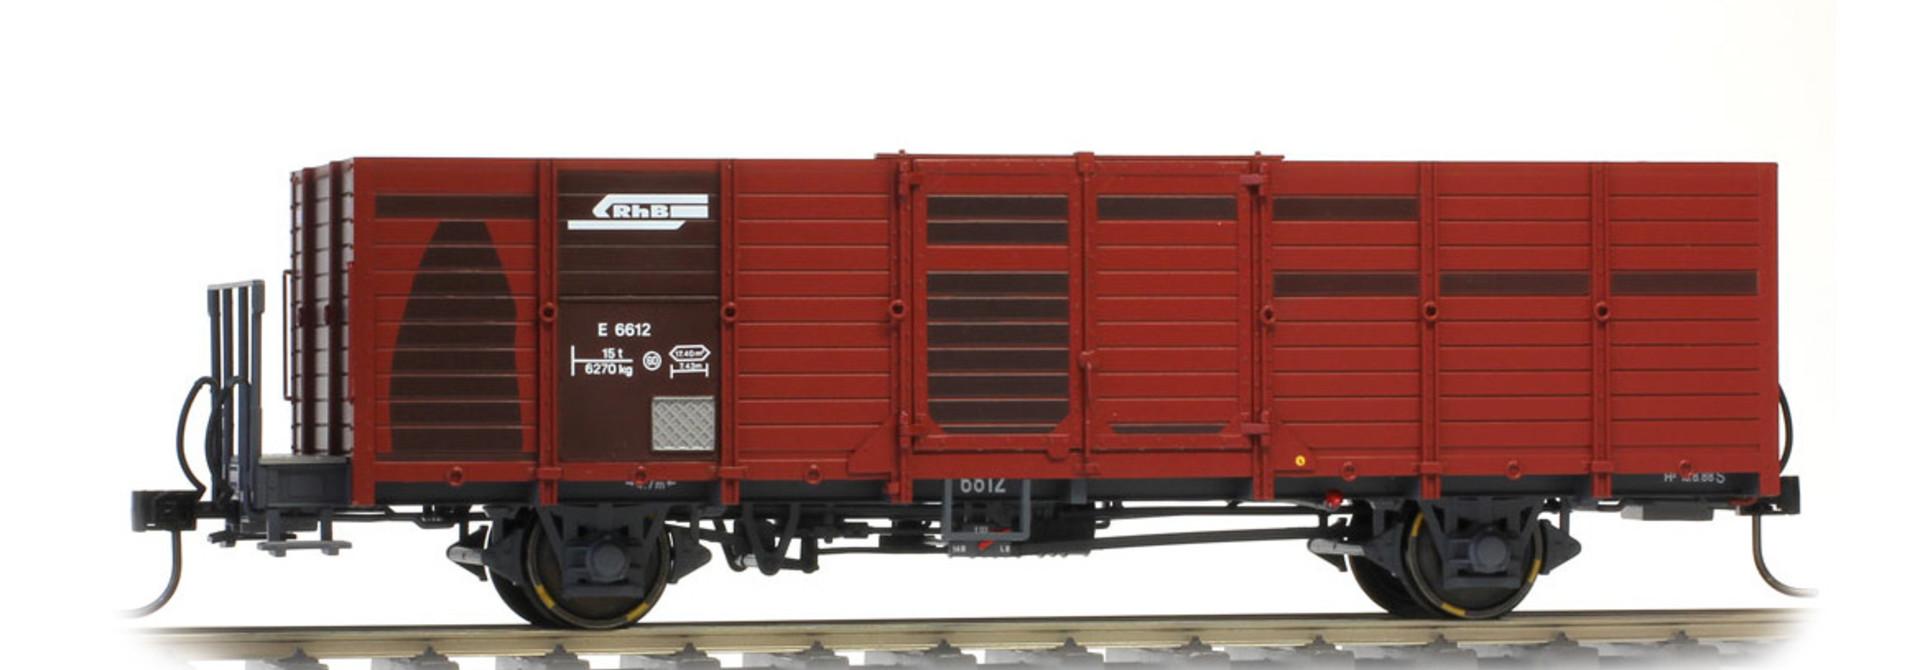 9451115 RhB E 6635 Holzwand-Hochbordwagen dunkelbraun